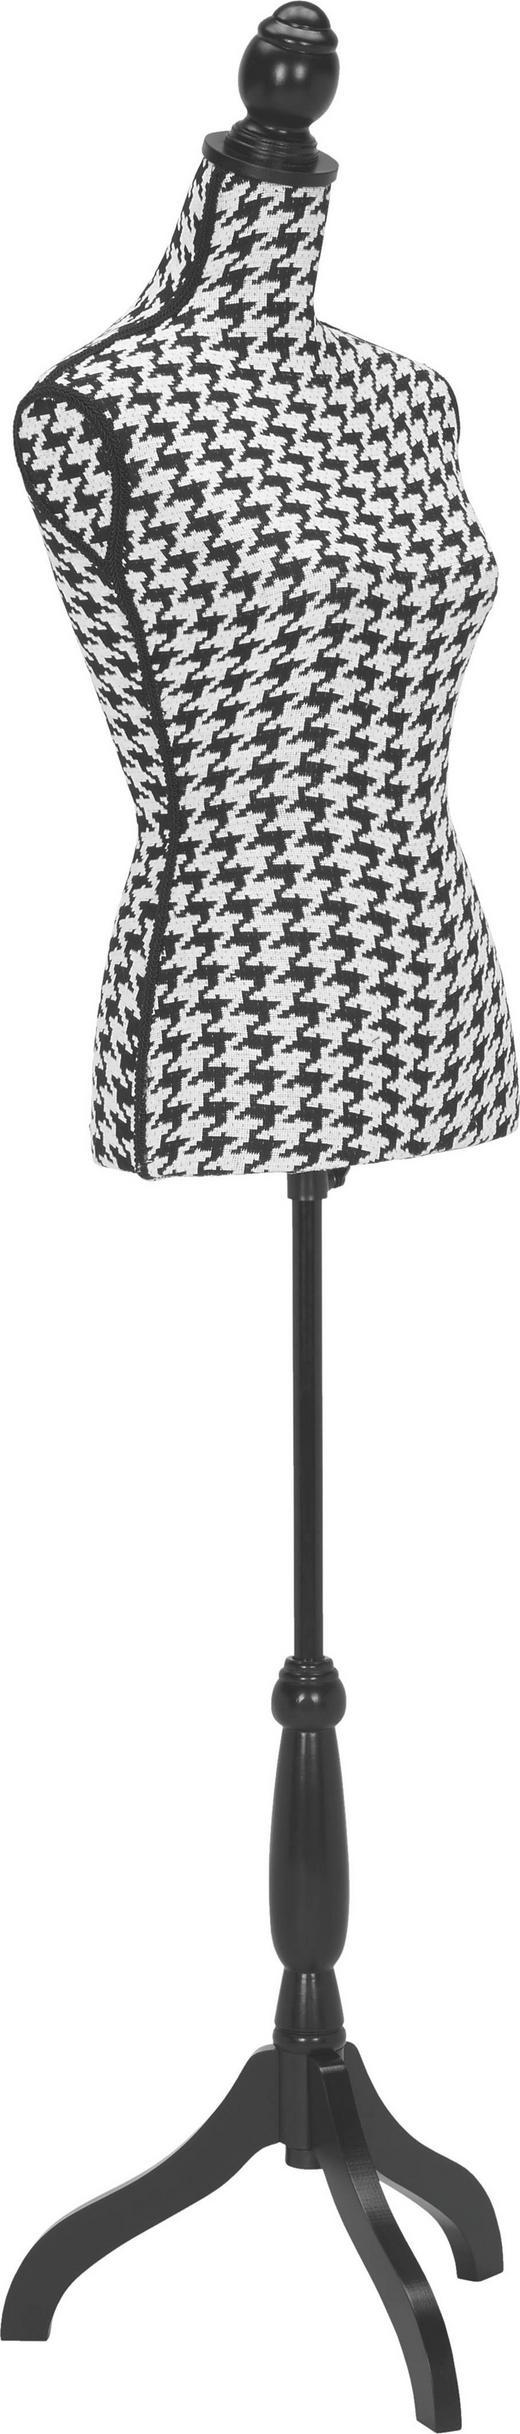 KLEIDERSTÄNDER Schwarz, Weiß - Schwarz/Weiß, MODERN, Textil (24/168/38cm)